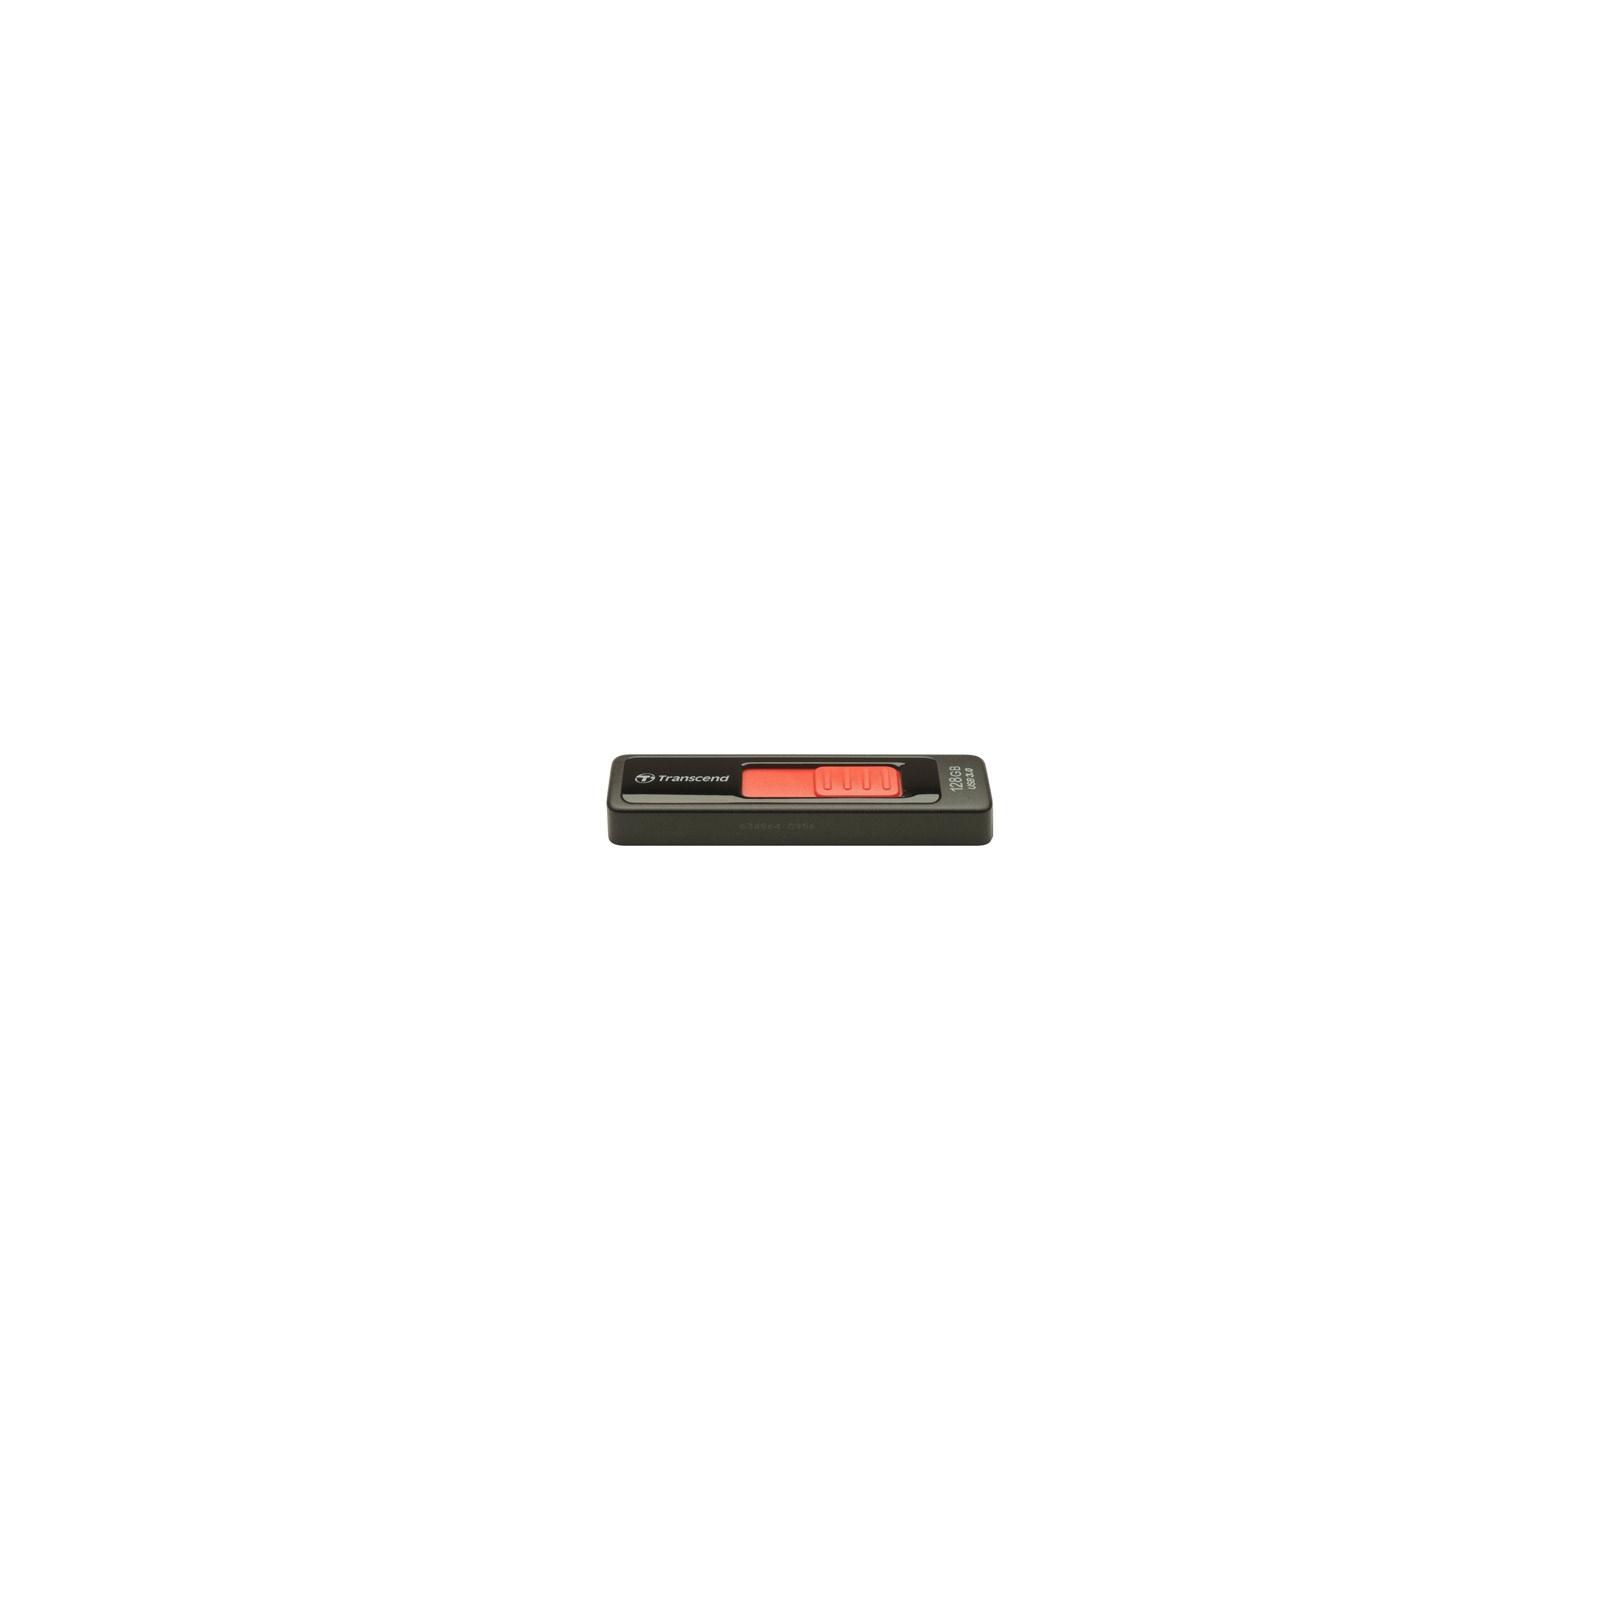 USB флеш накопитель Transcend 128Gb JetFlash 760 (TS128GJF760)